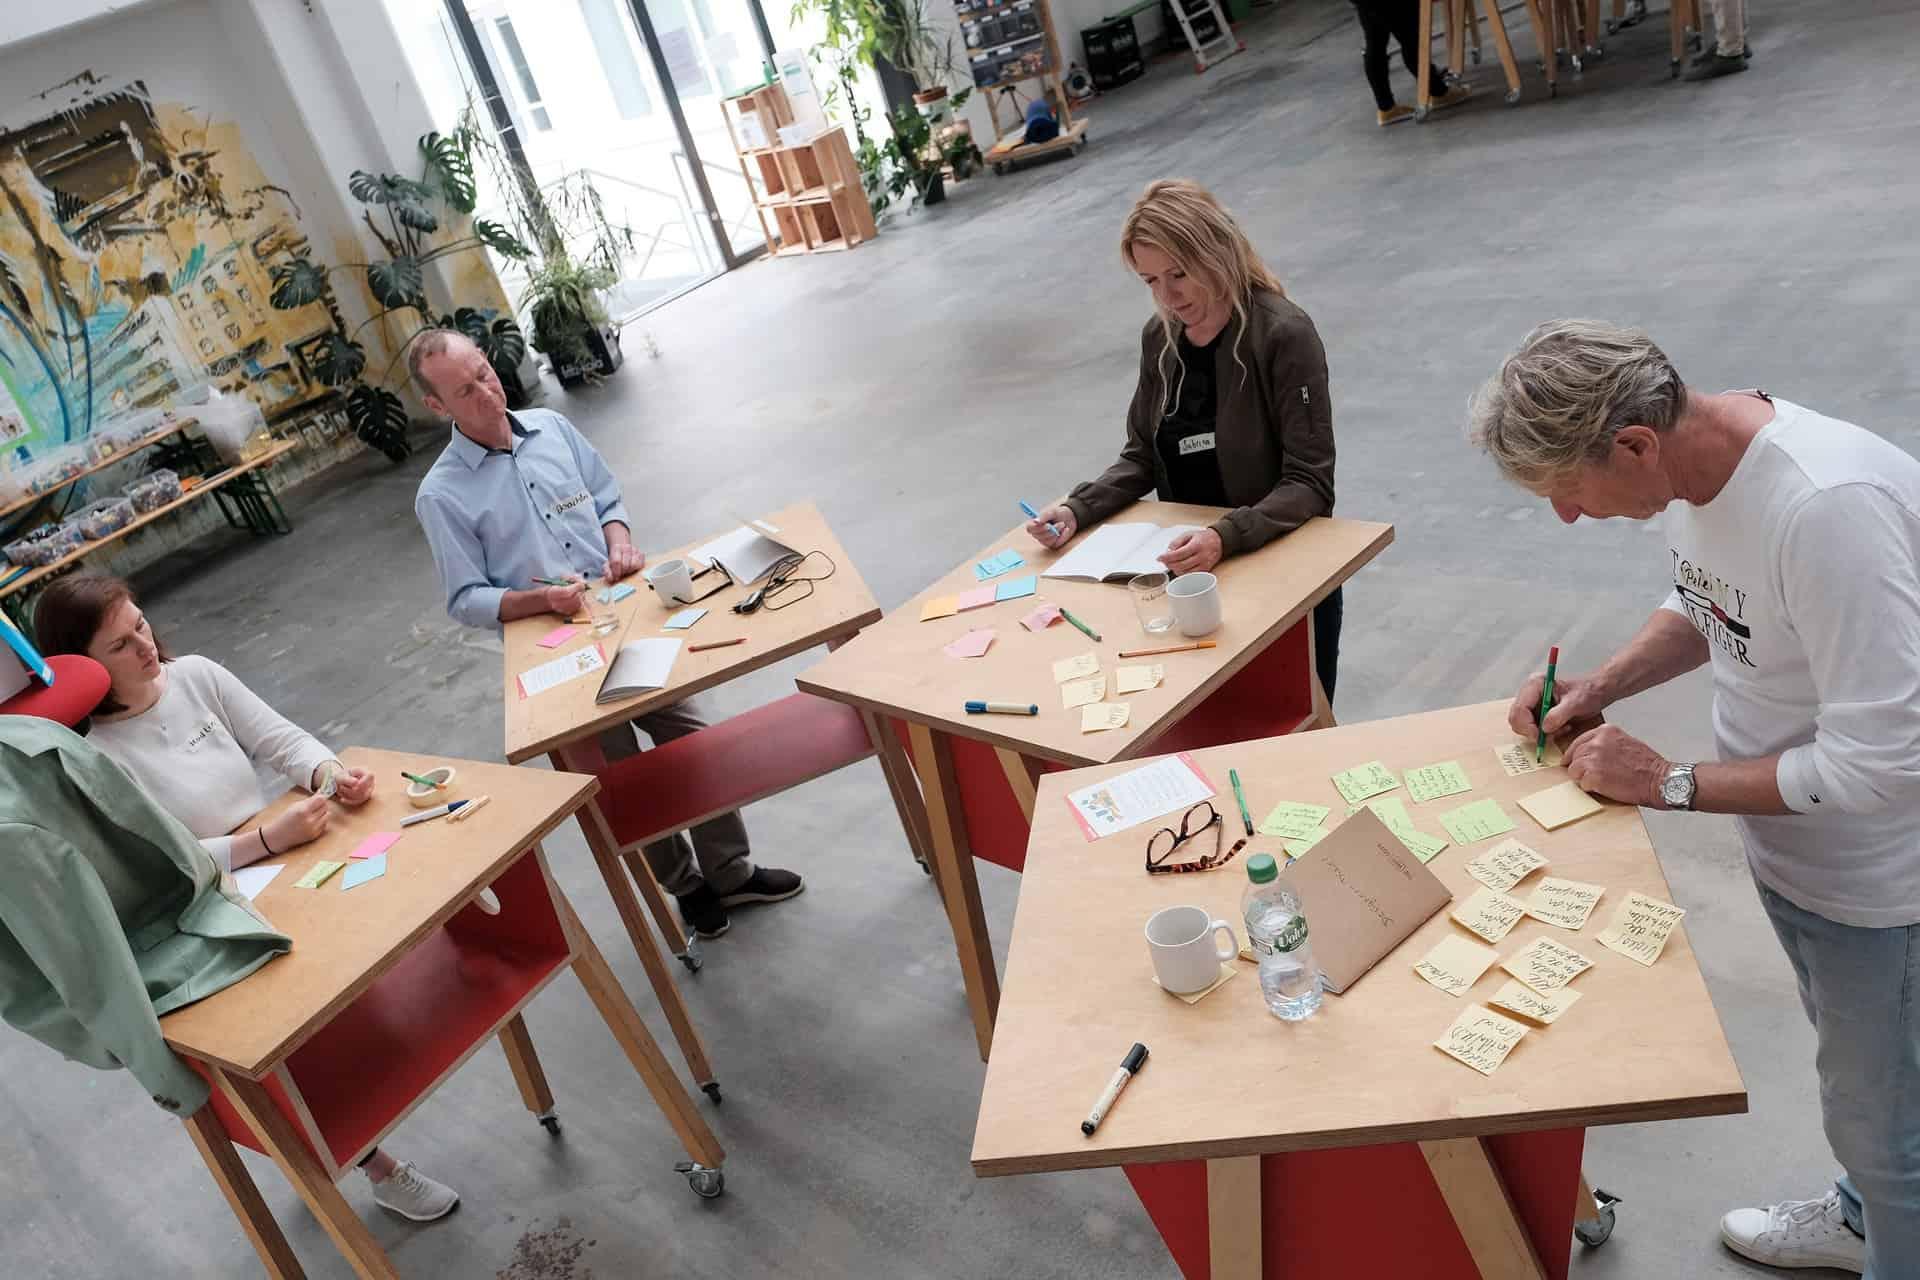 Der DenkRaum bietet sehr gute Bedingungen für Workshops. Foto: DenkRaum